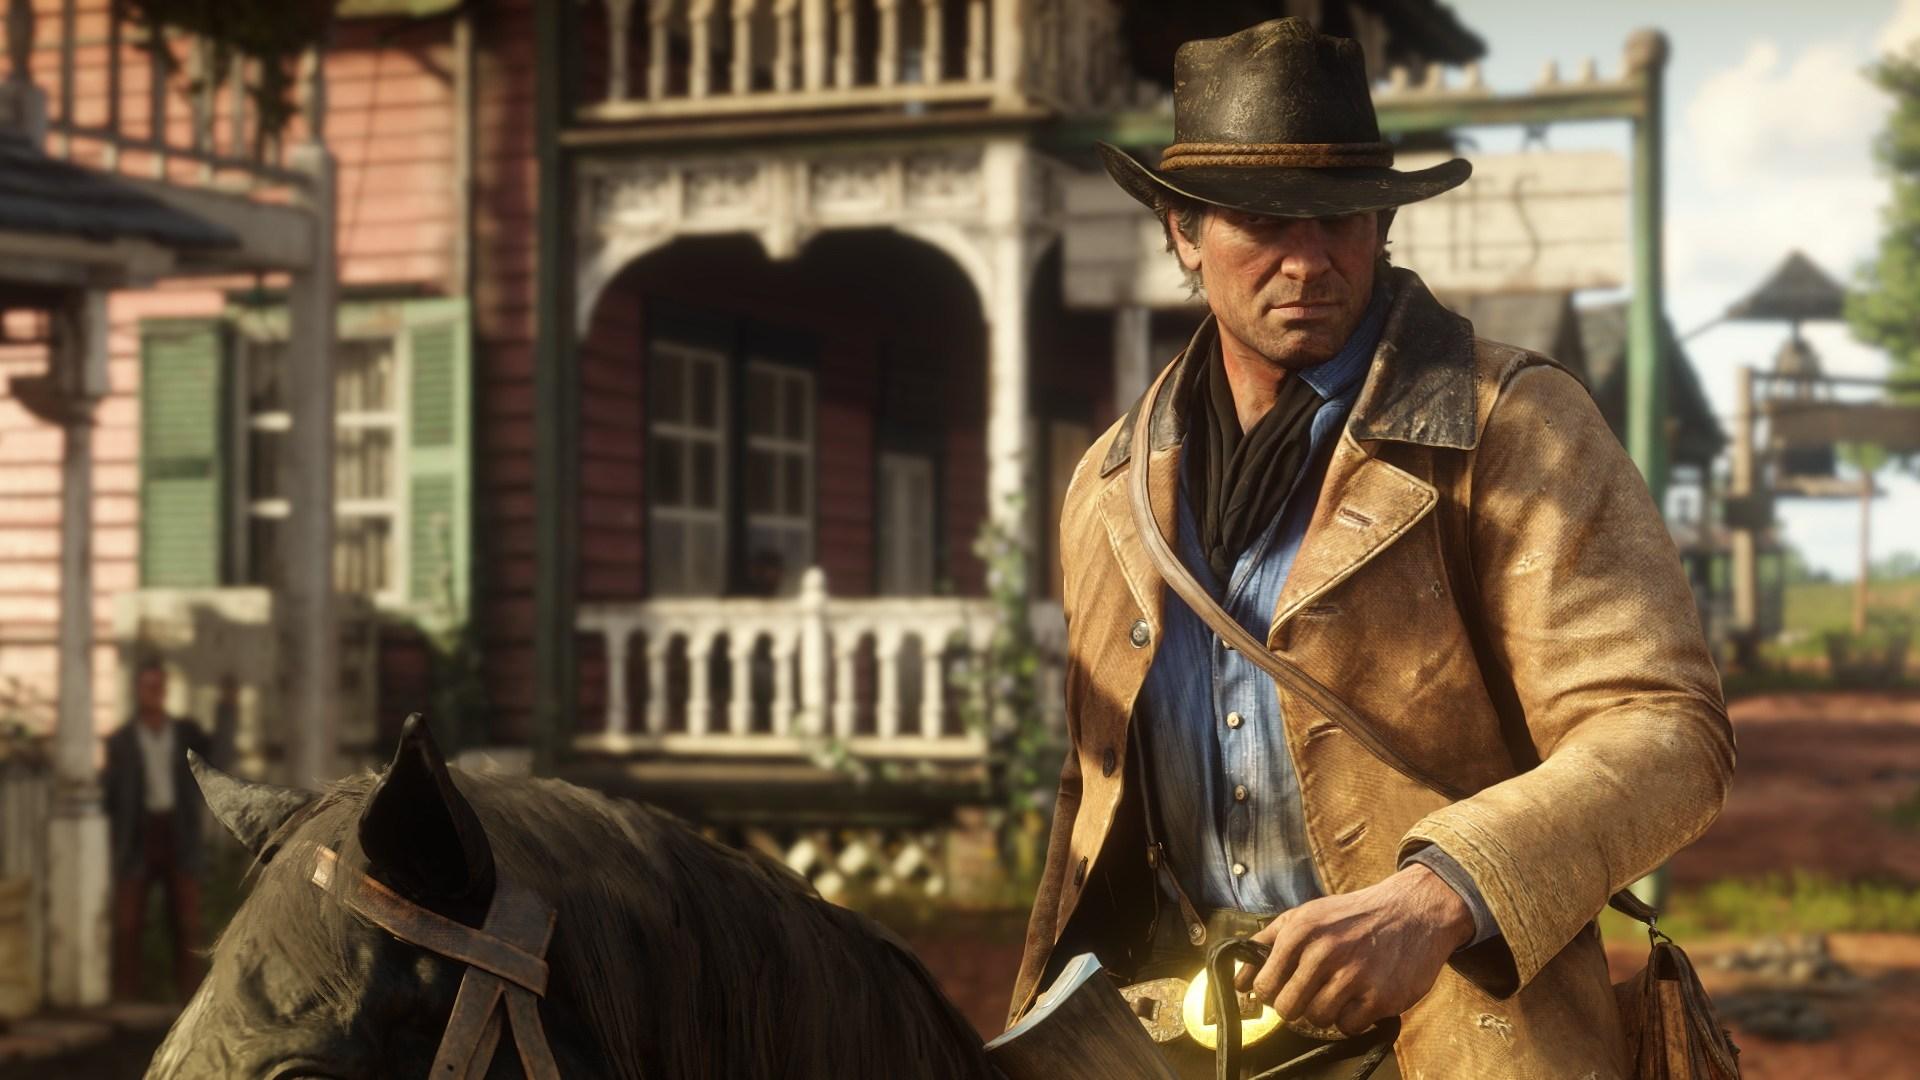 Neue Screenshots zu Red Dead Redemption 2 zeigen Tierwelt, Open World und Charaktere. Bild 16 - Quelle: Rockstar Games